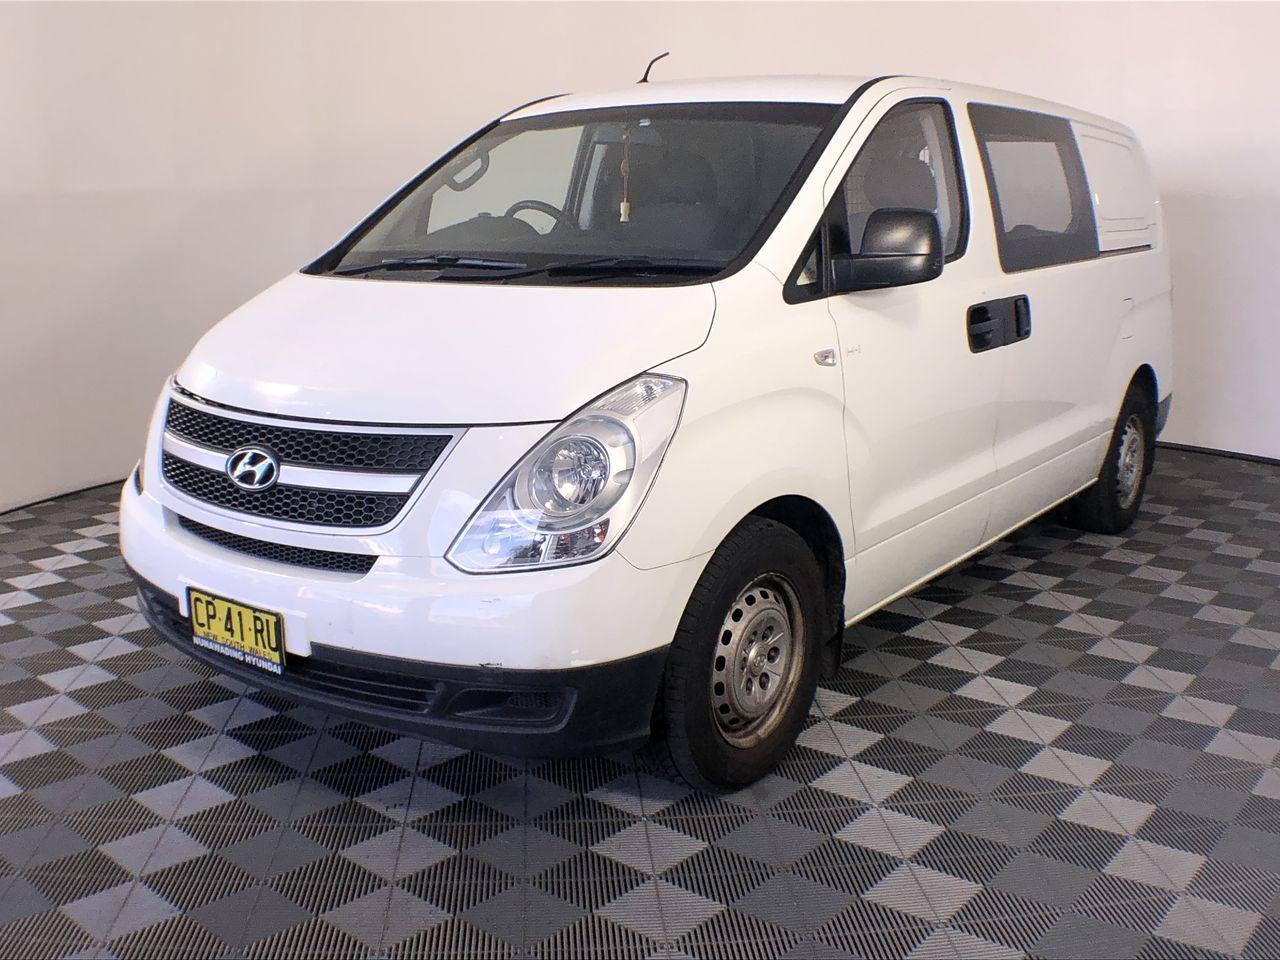 2011 Hyundai iLOAD TQ Turbo Diesel Automatic Van